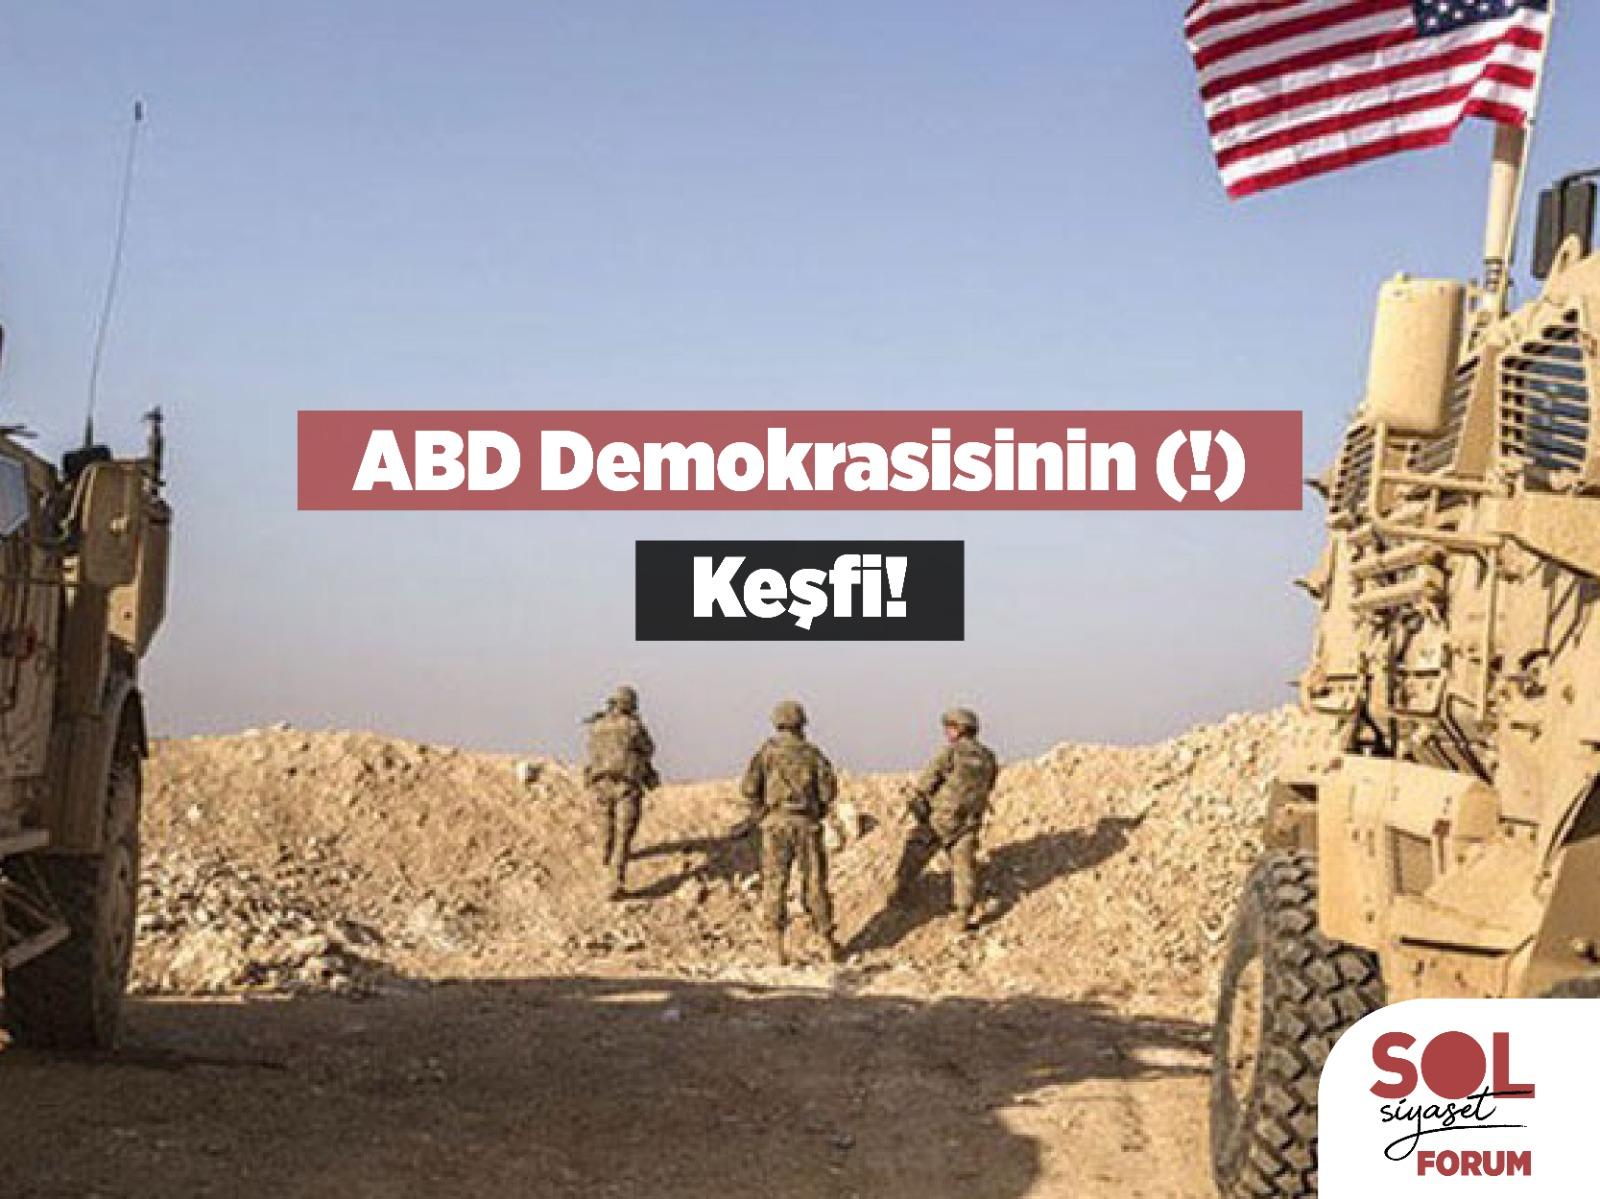 ABD Demokrasisinin (!) Keşfi